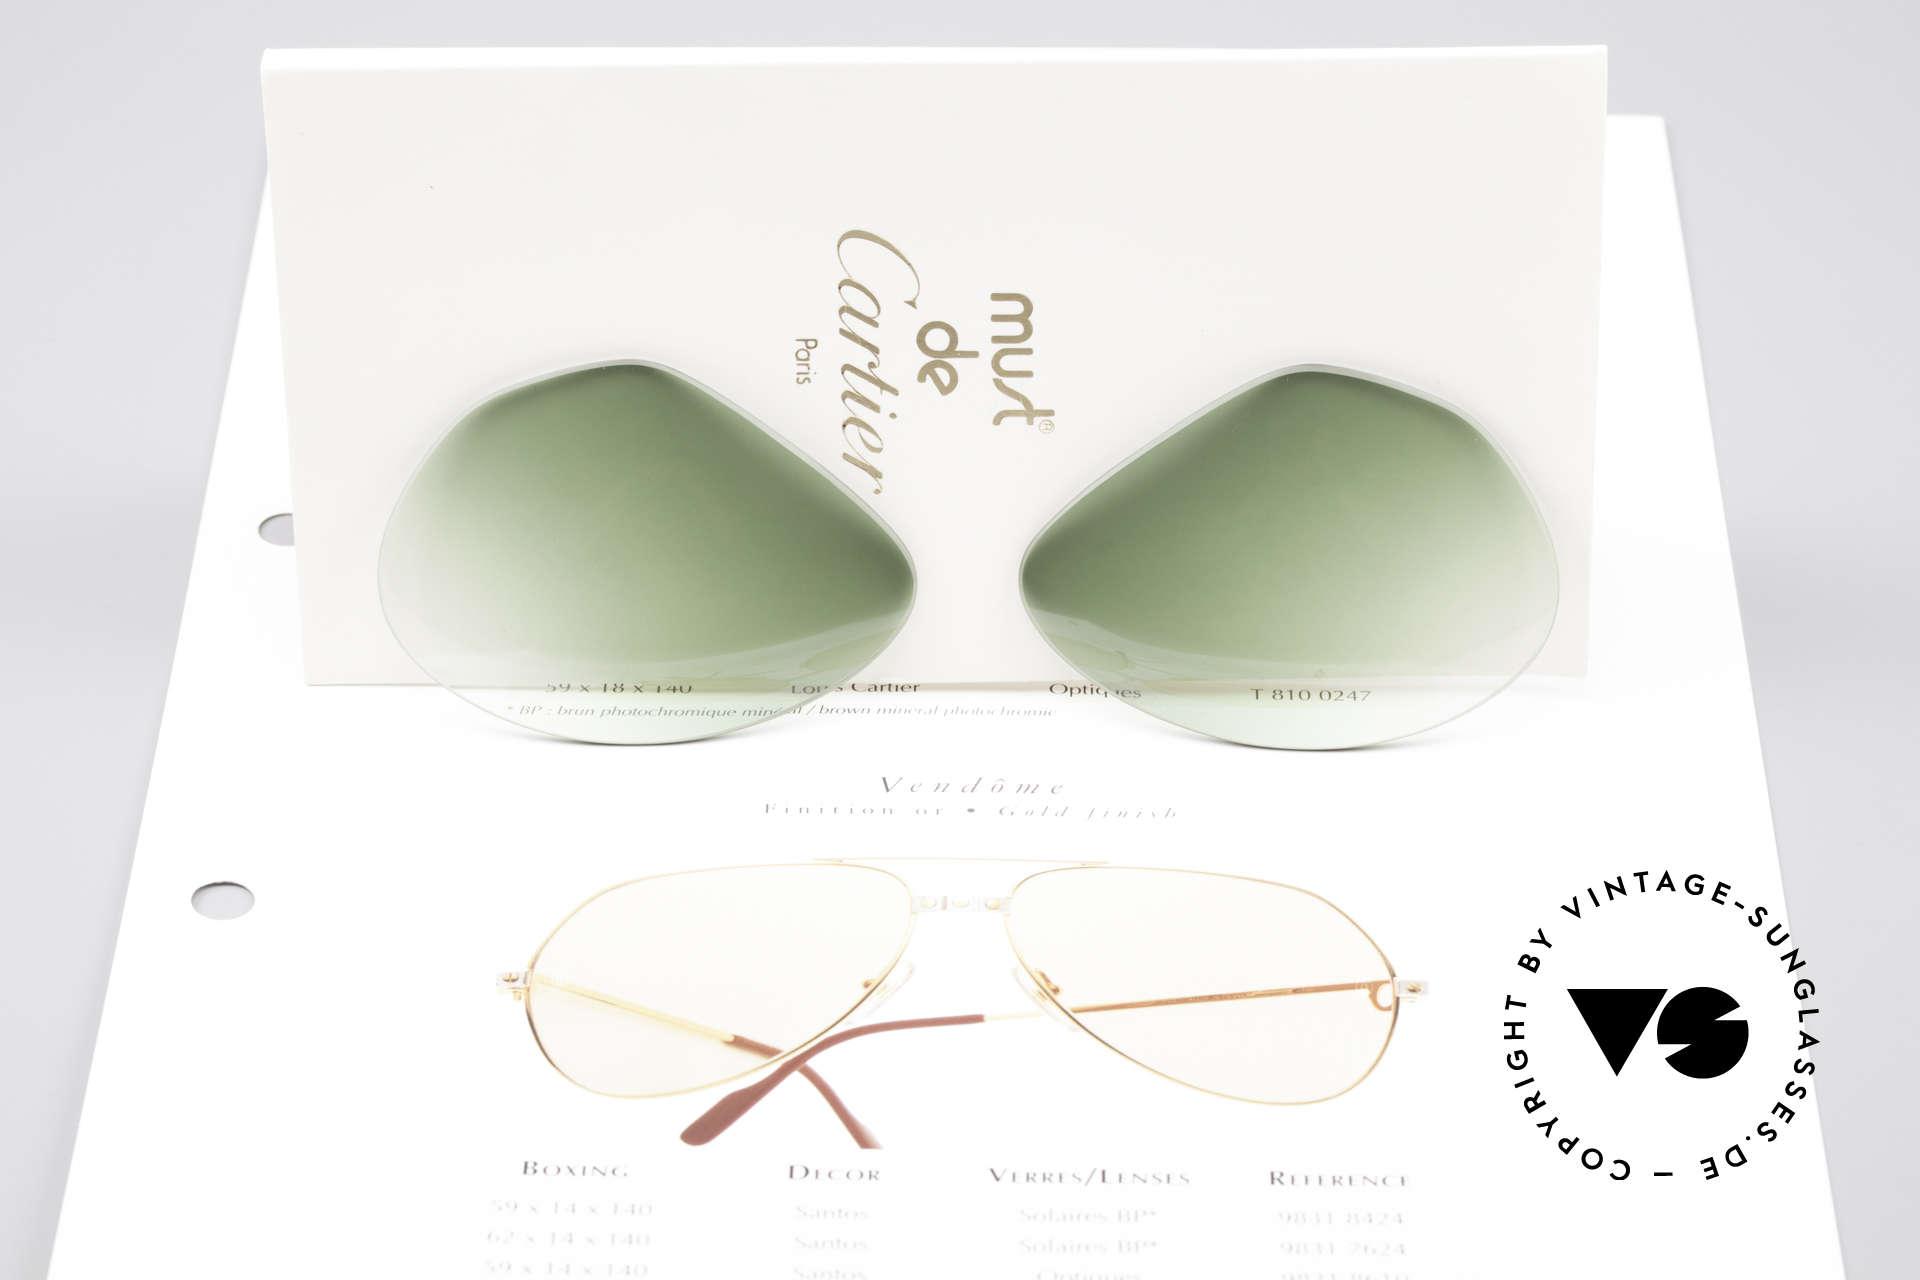 Cartier Vendome Lenses - L Sonnengläser Grün Verlauf, eleganter grüner Verlauf (nach unten heller werdend), Passend für Herren